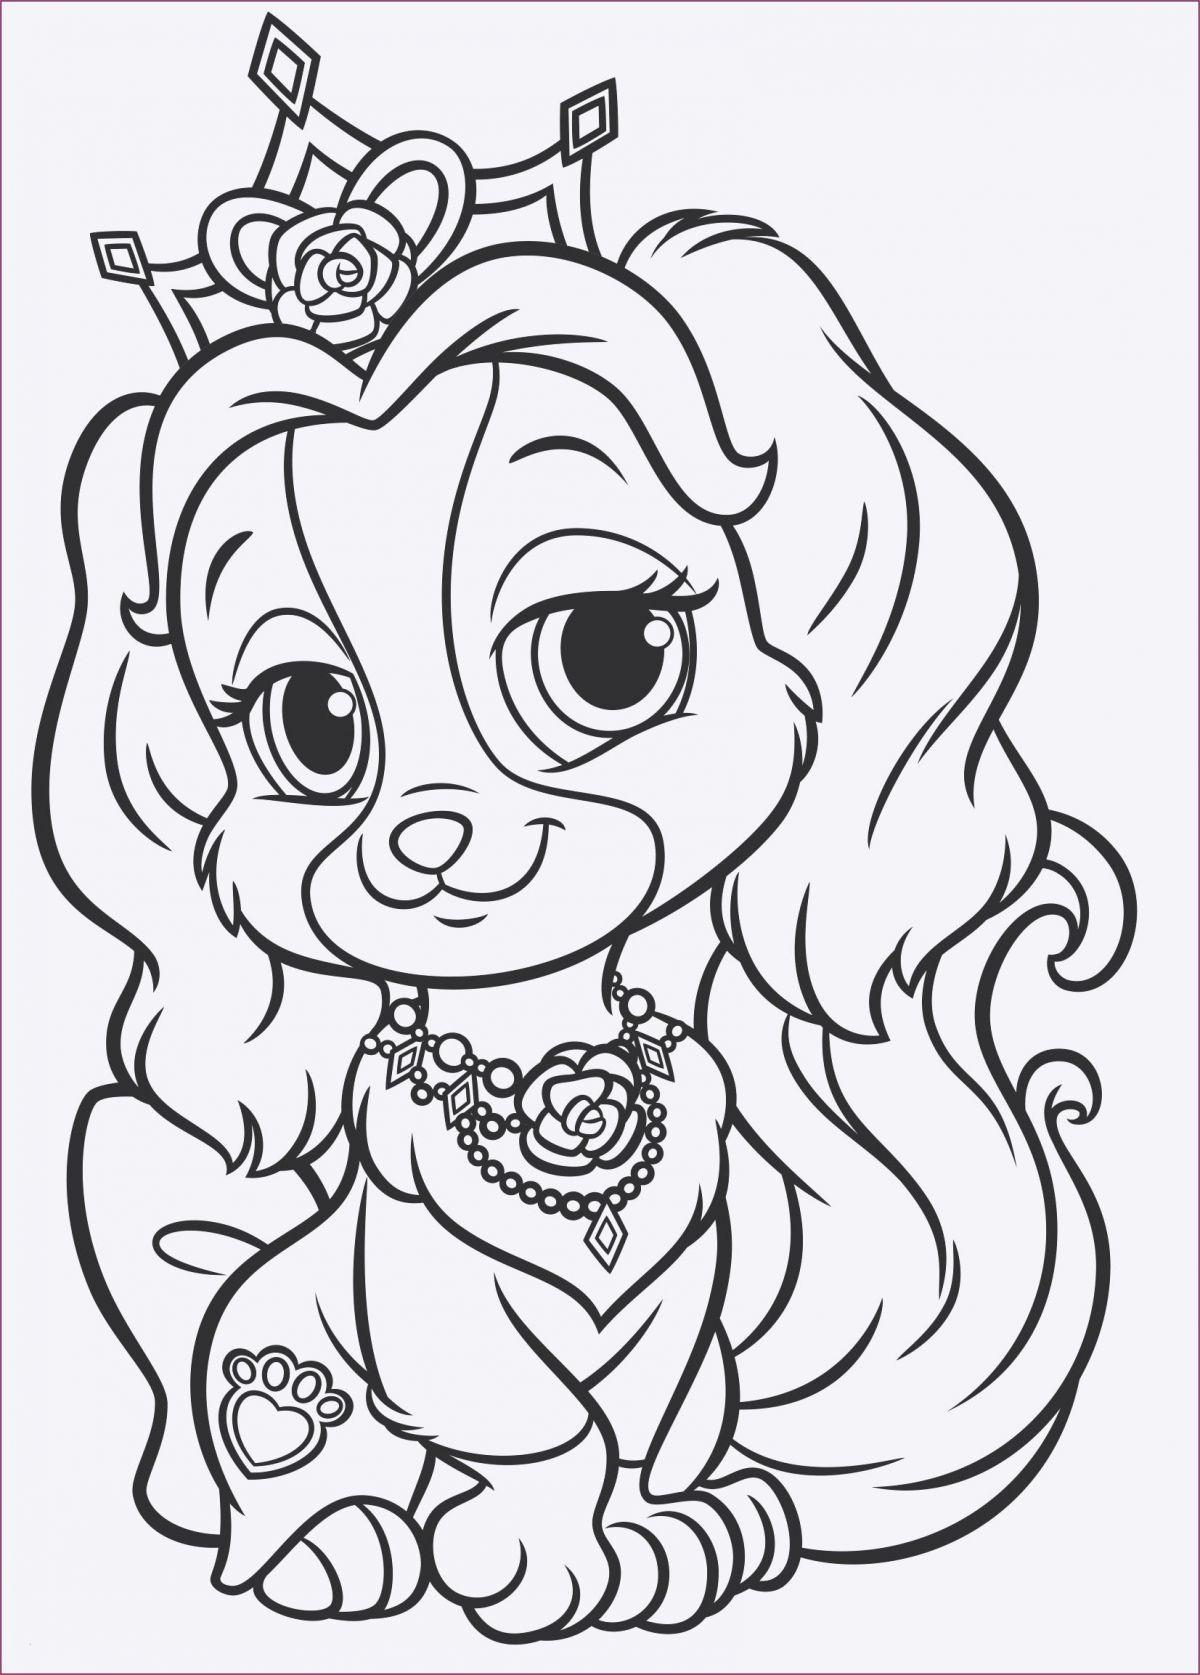 Arielle Ausmalbilder Zum Drucken Kostenlos Das Beste Von Ausmalbilder Disney Prinzessinnen Ariel Elegant Malvorlagen Gratis Fotografieren